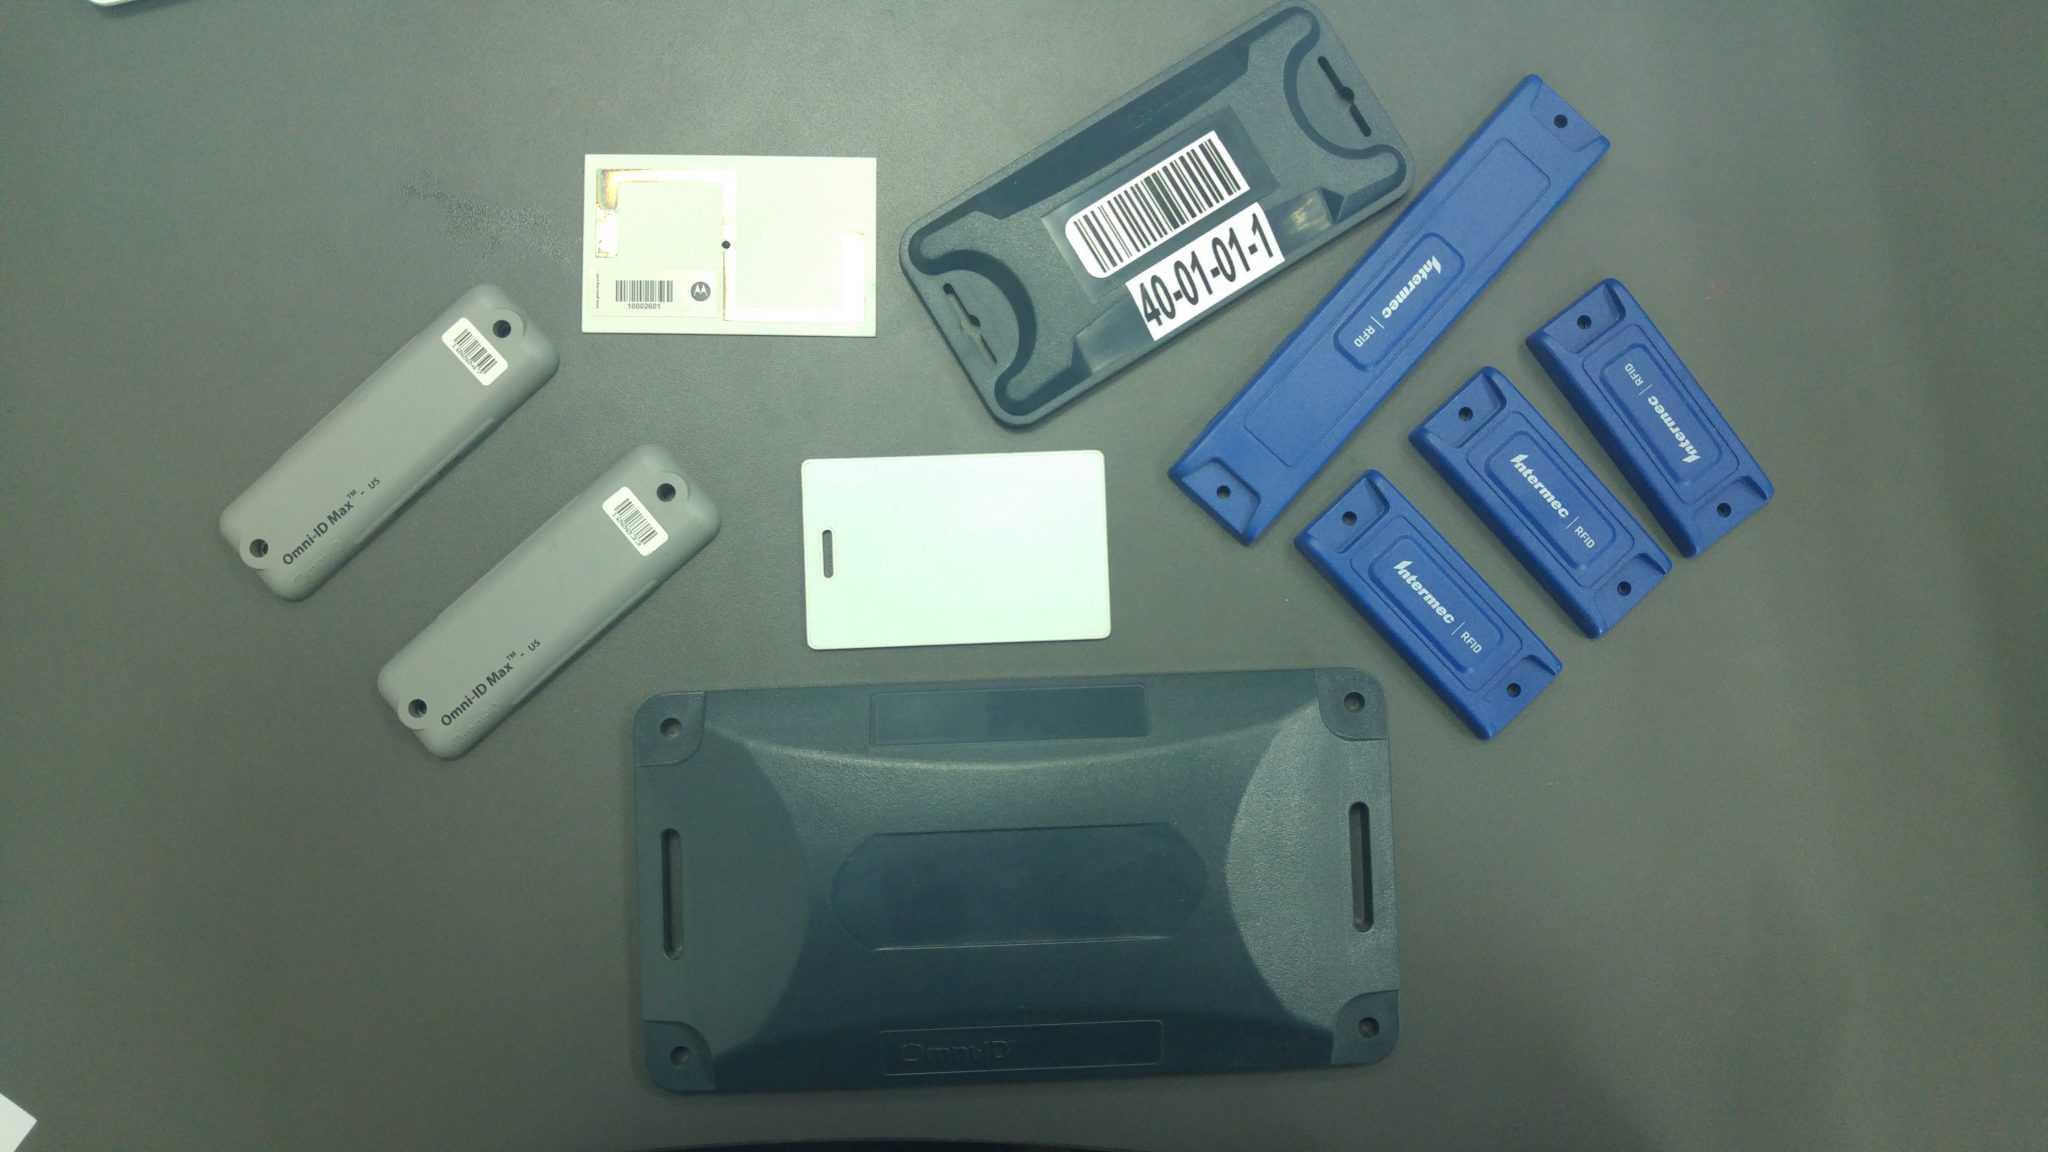 מגוון תגי RFID